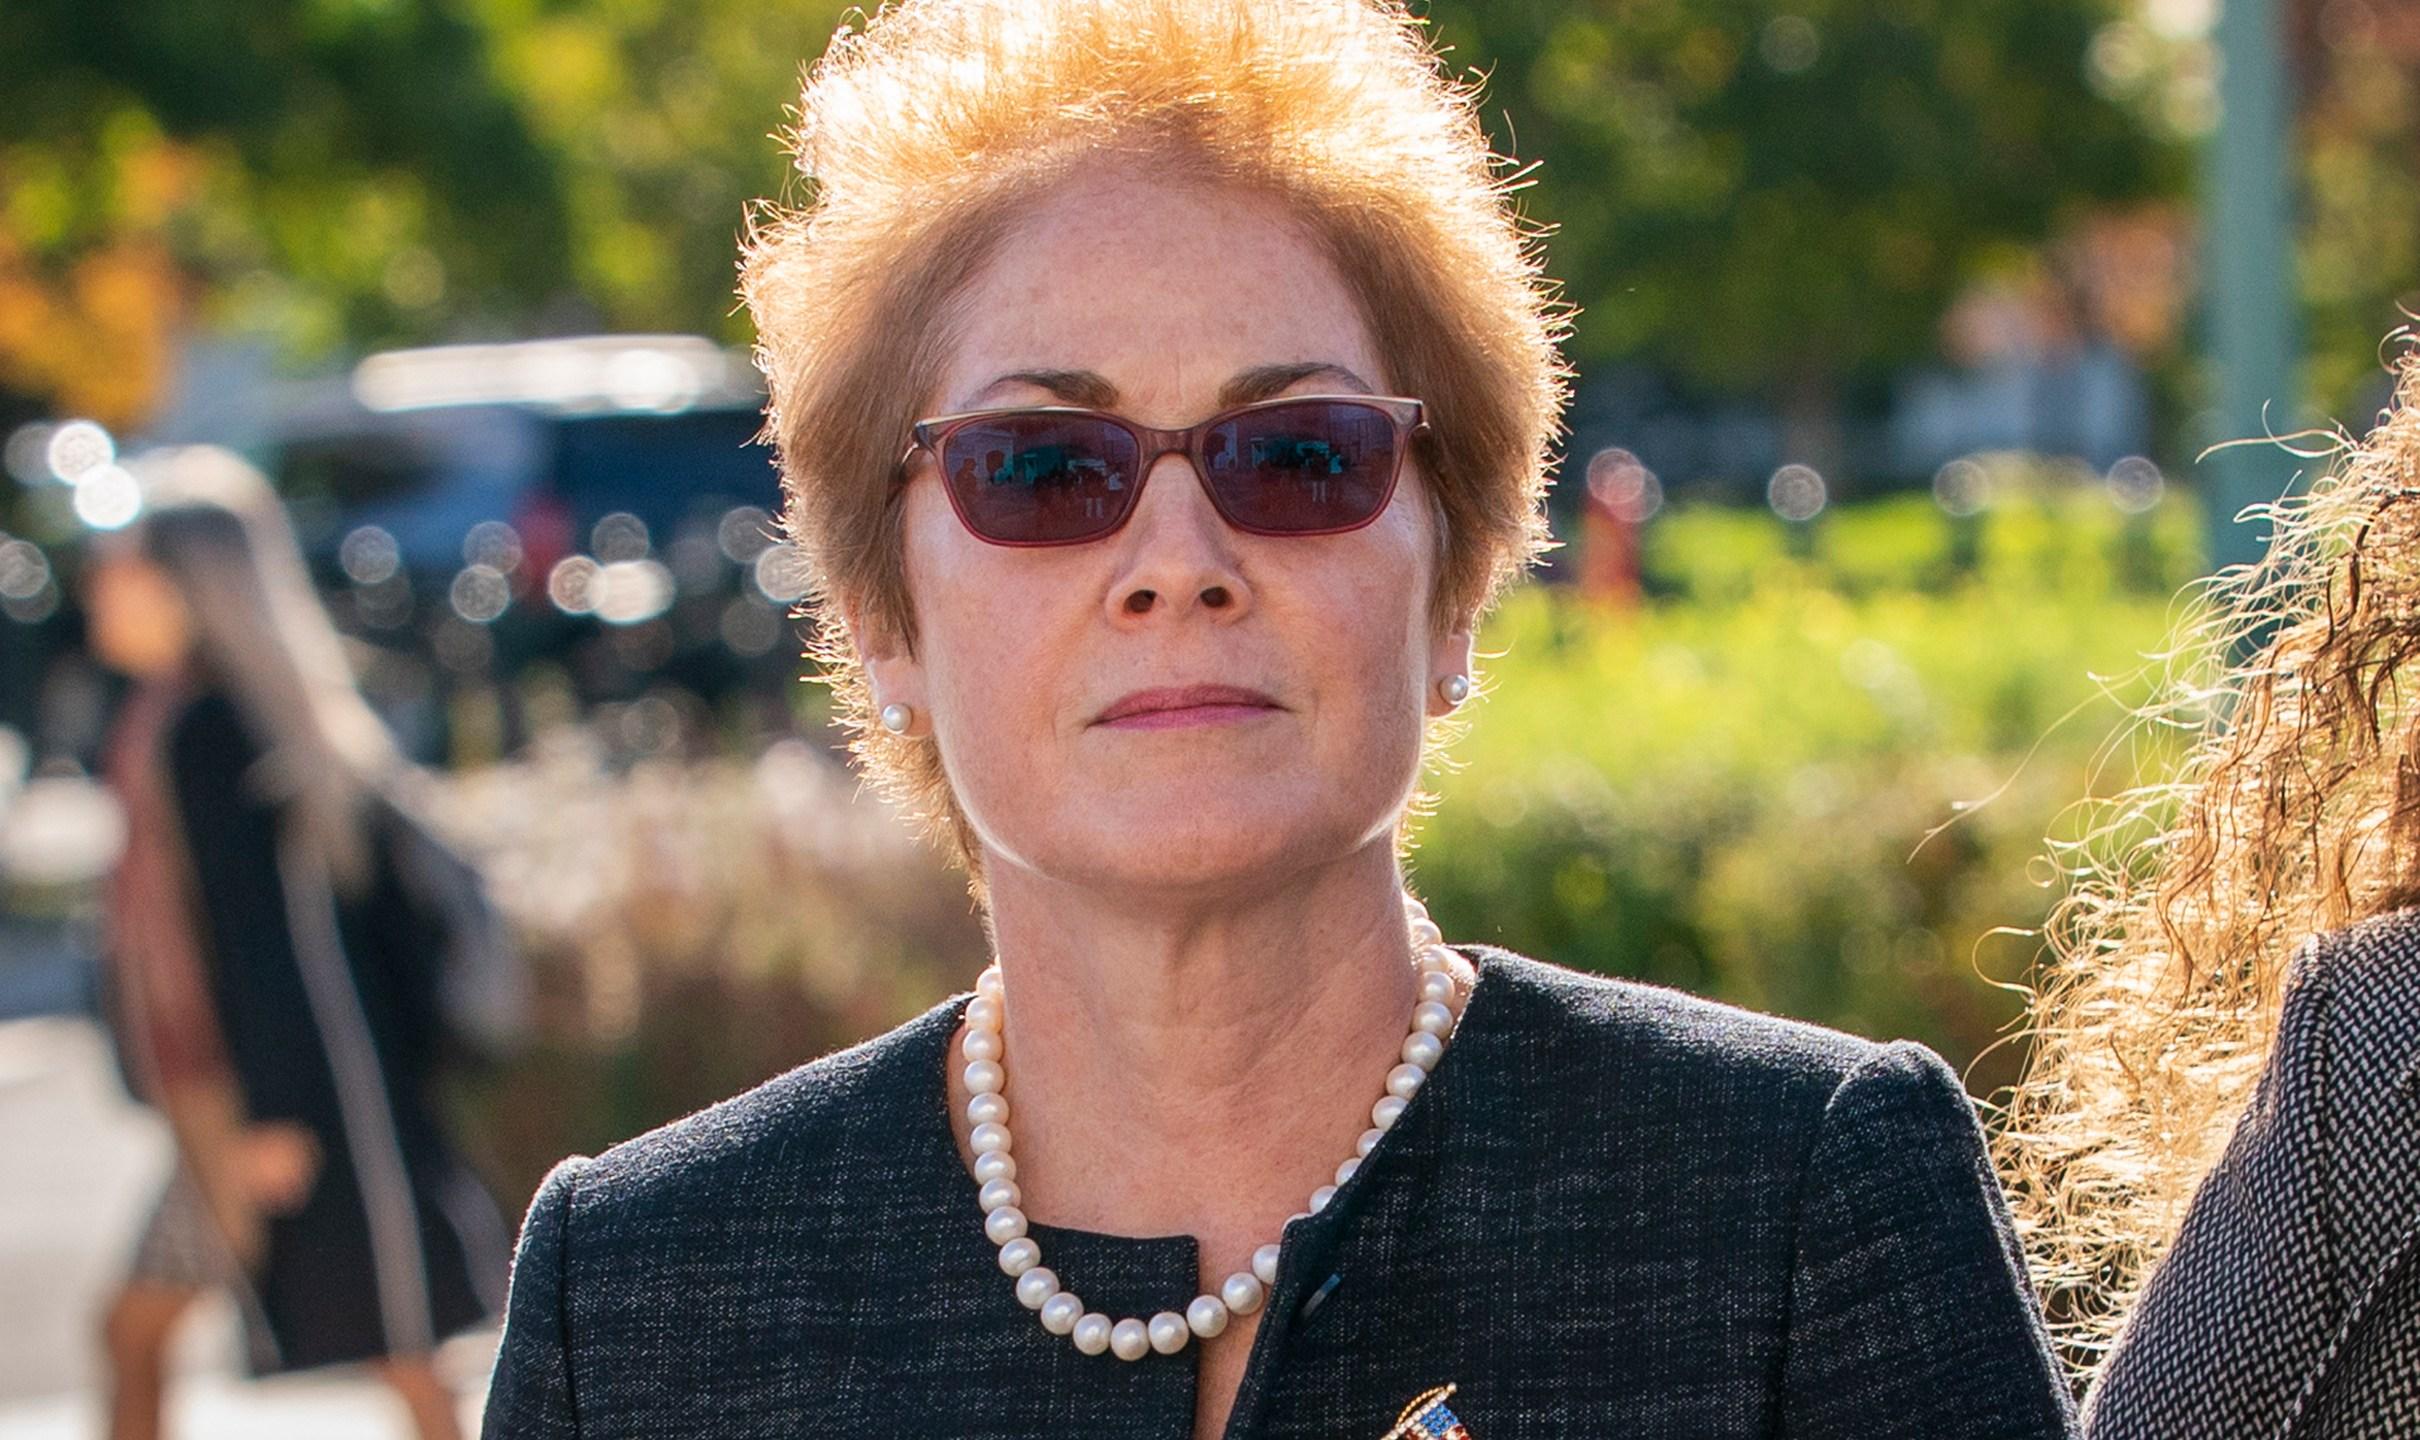 Marie Yovanovitch